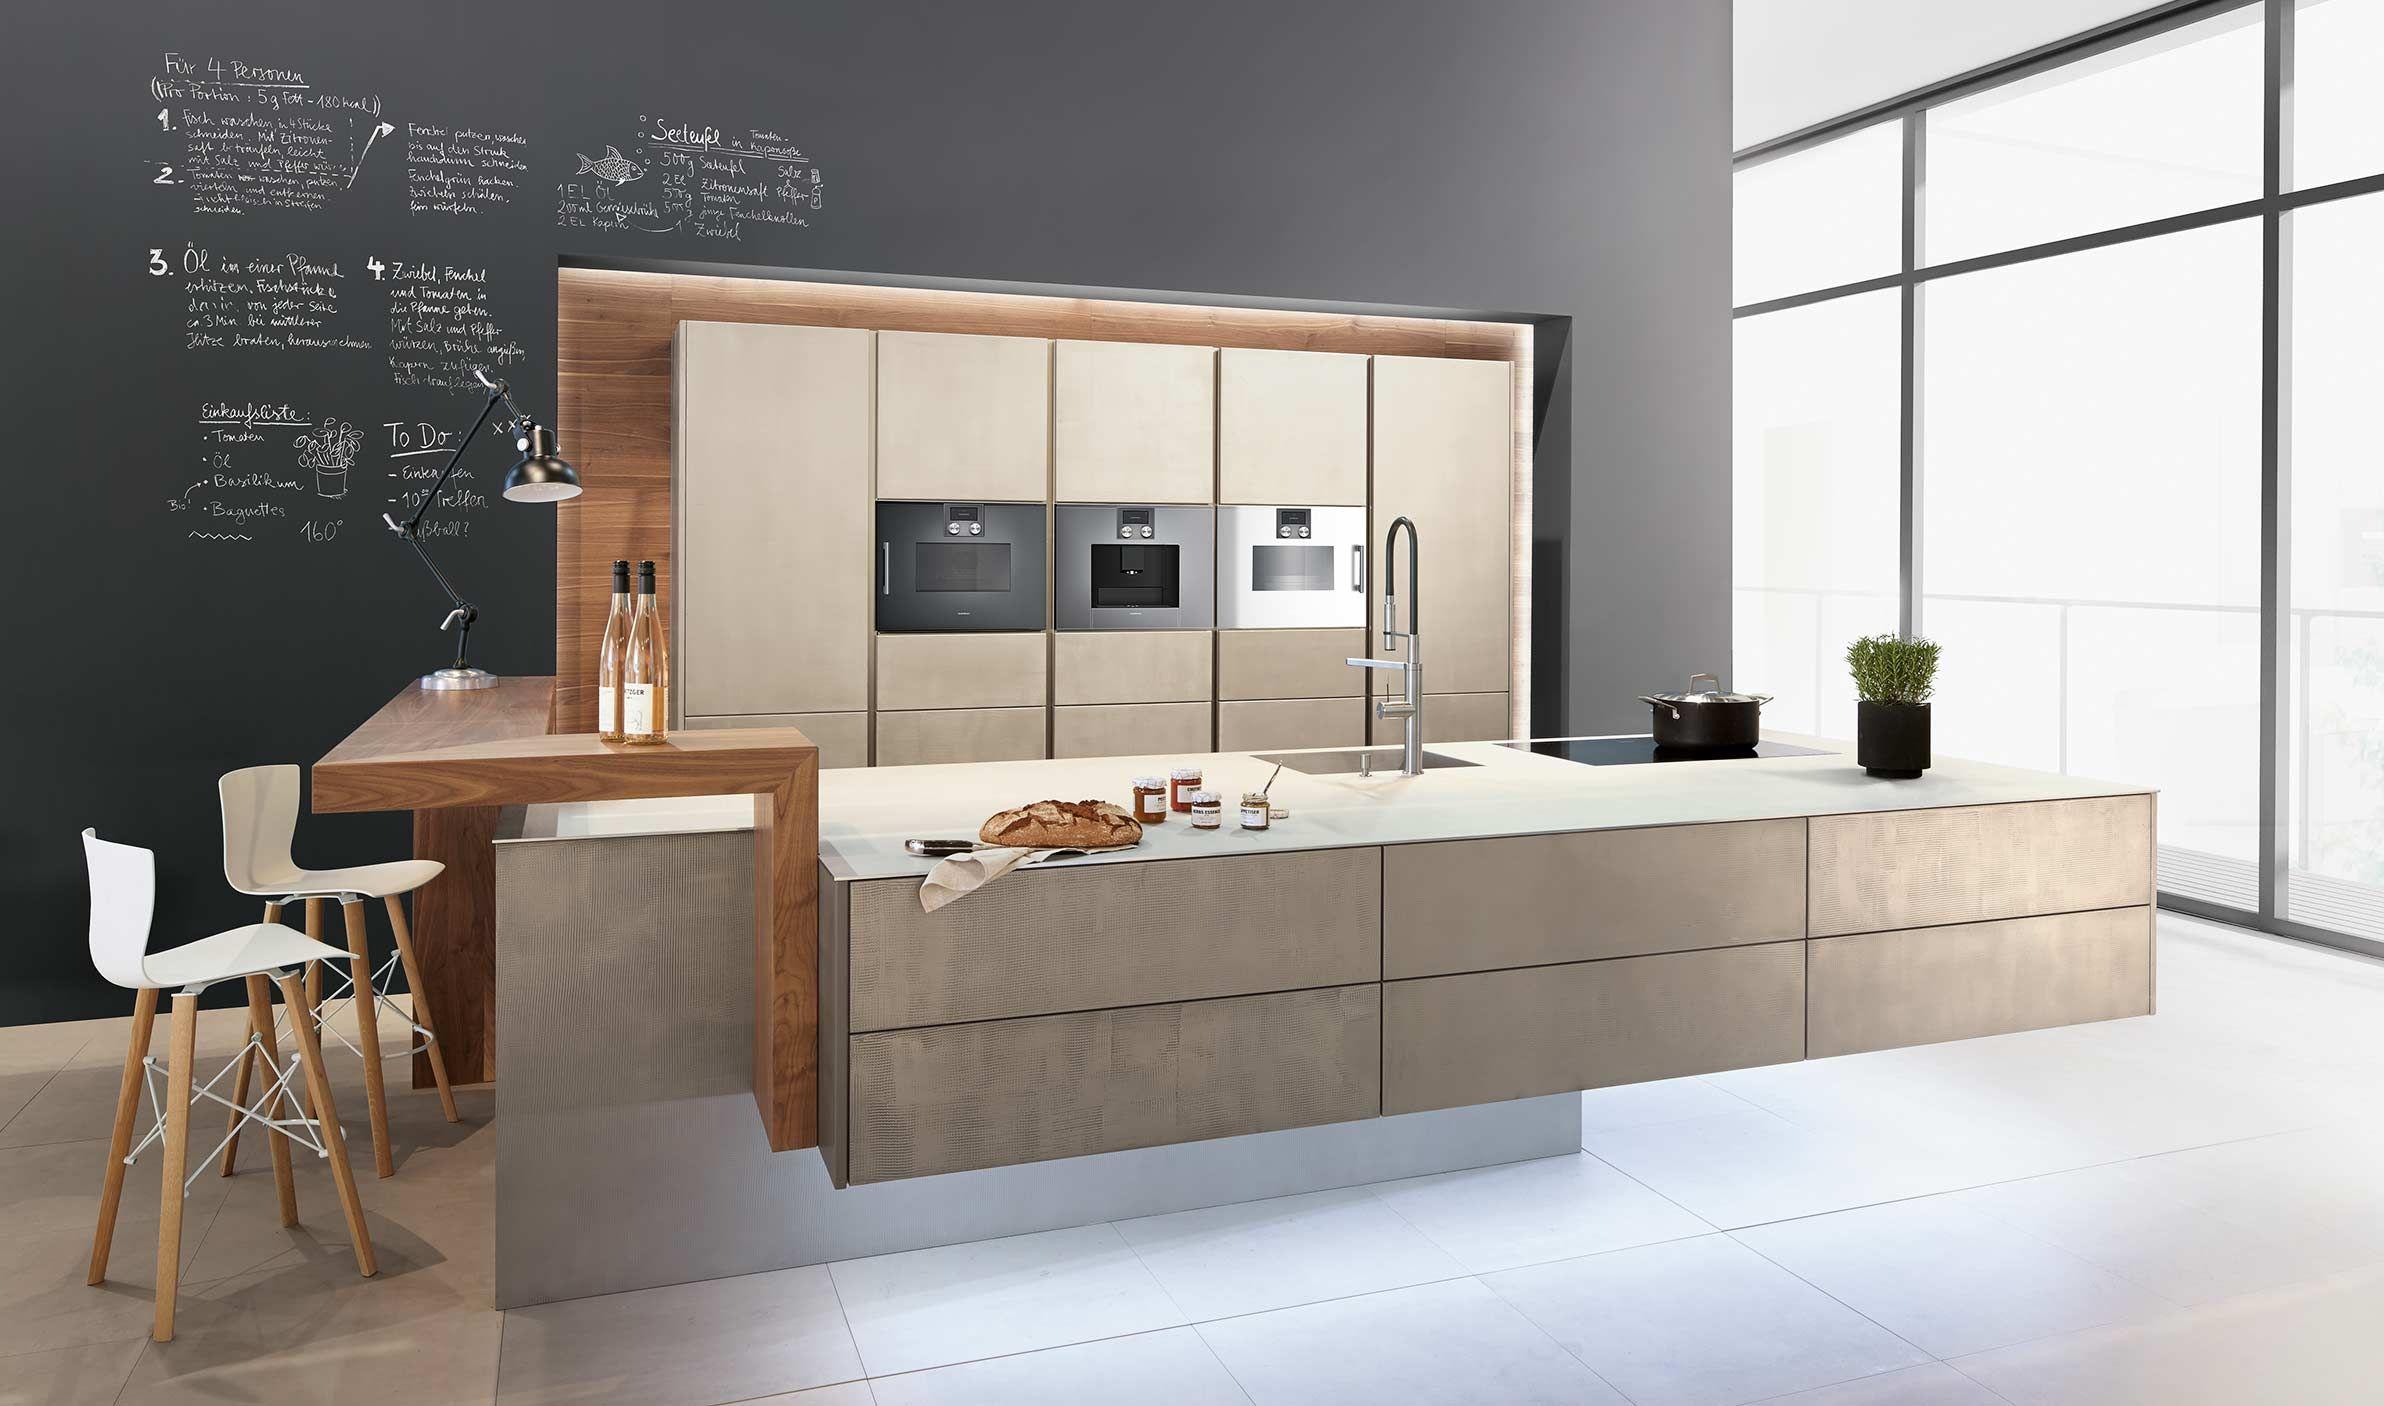 Gemütlich Küche Dekoration Trends 2013 Galerie - Küchenschrank Ideen ...